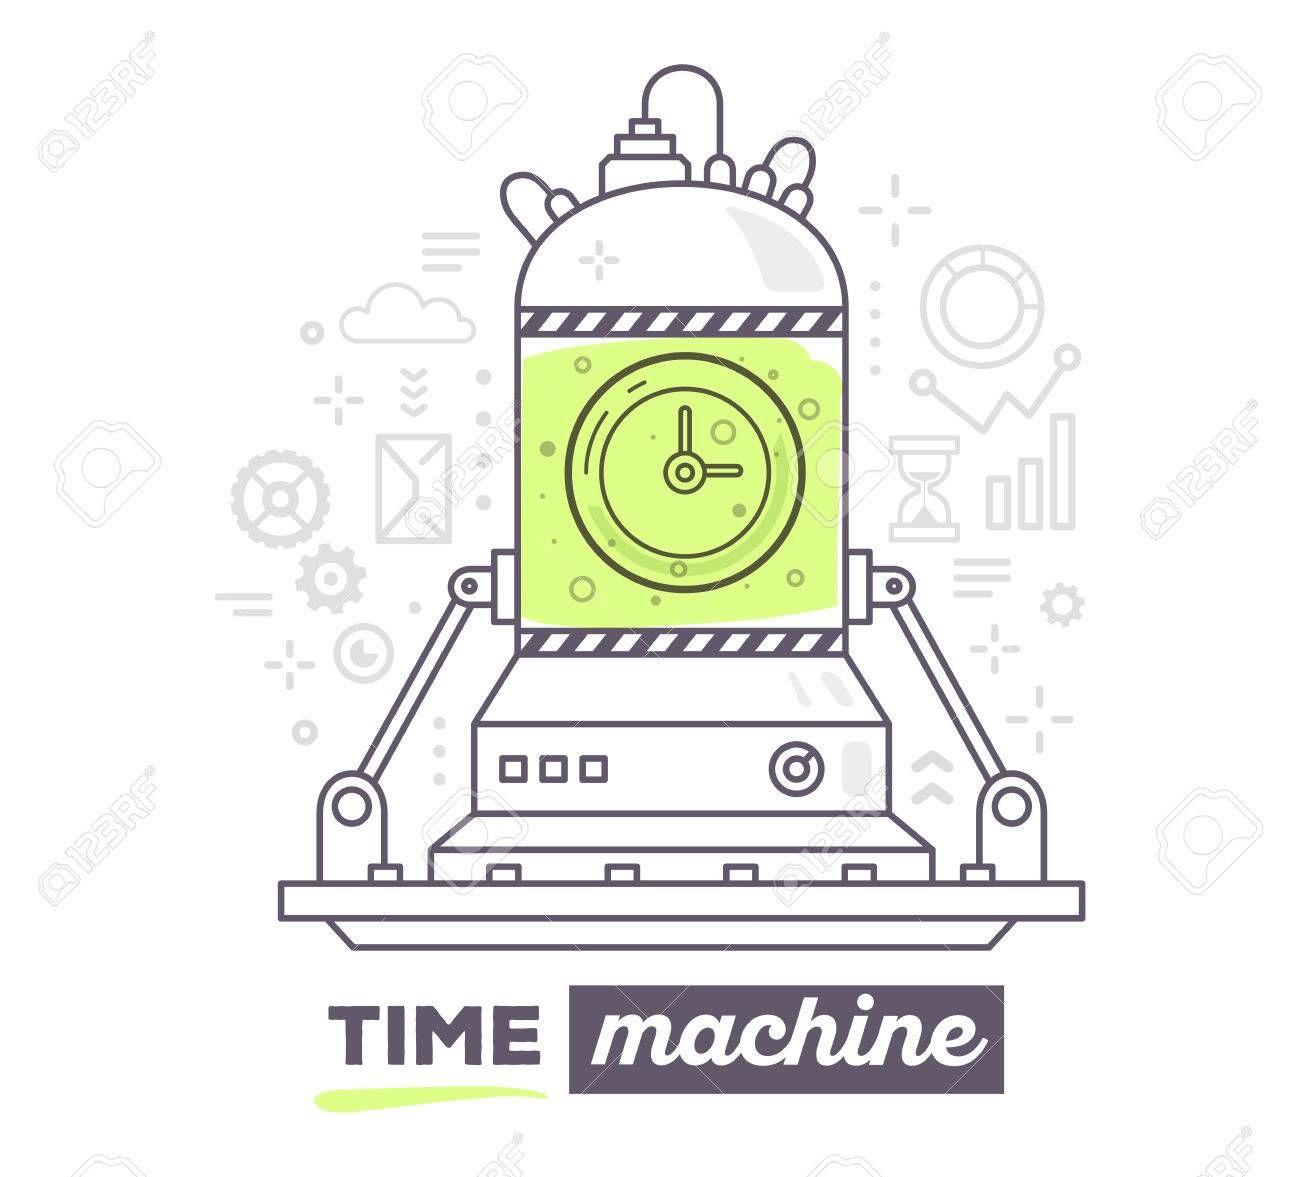 Ilustracion Del Vector Del Mecanismo Creativo Profesional De Maquina Del Tiempo Con Iconos Grises El Texto De La Maquina De Tiempo En El Fondo Blanco Dibujar Dibujos De Maquinas Maquina